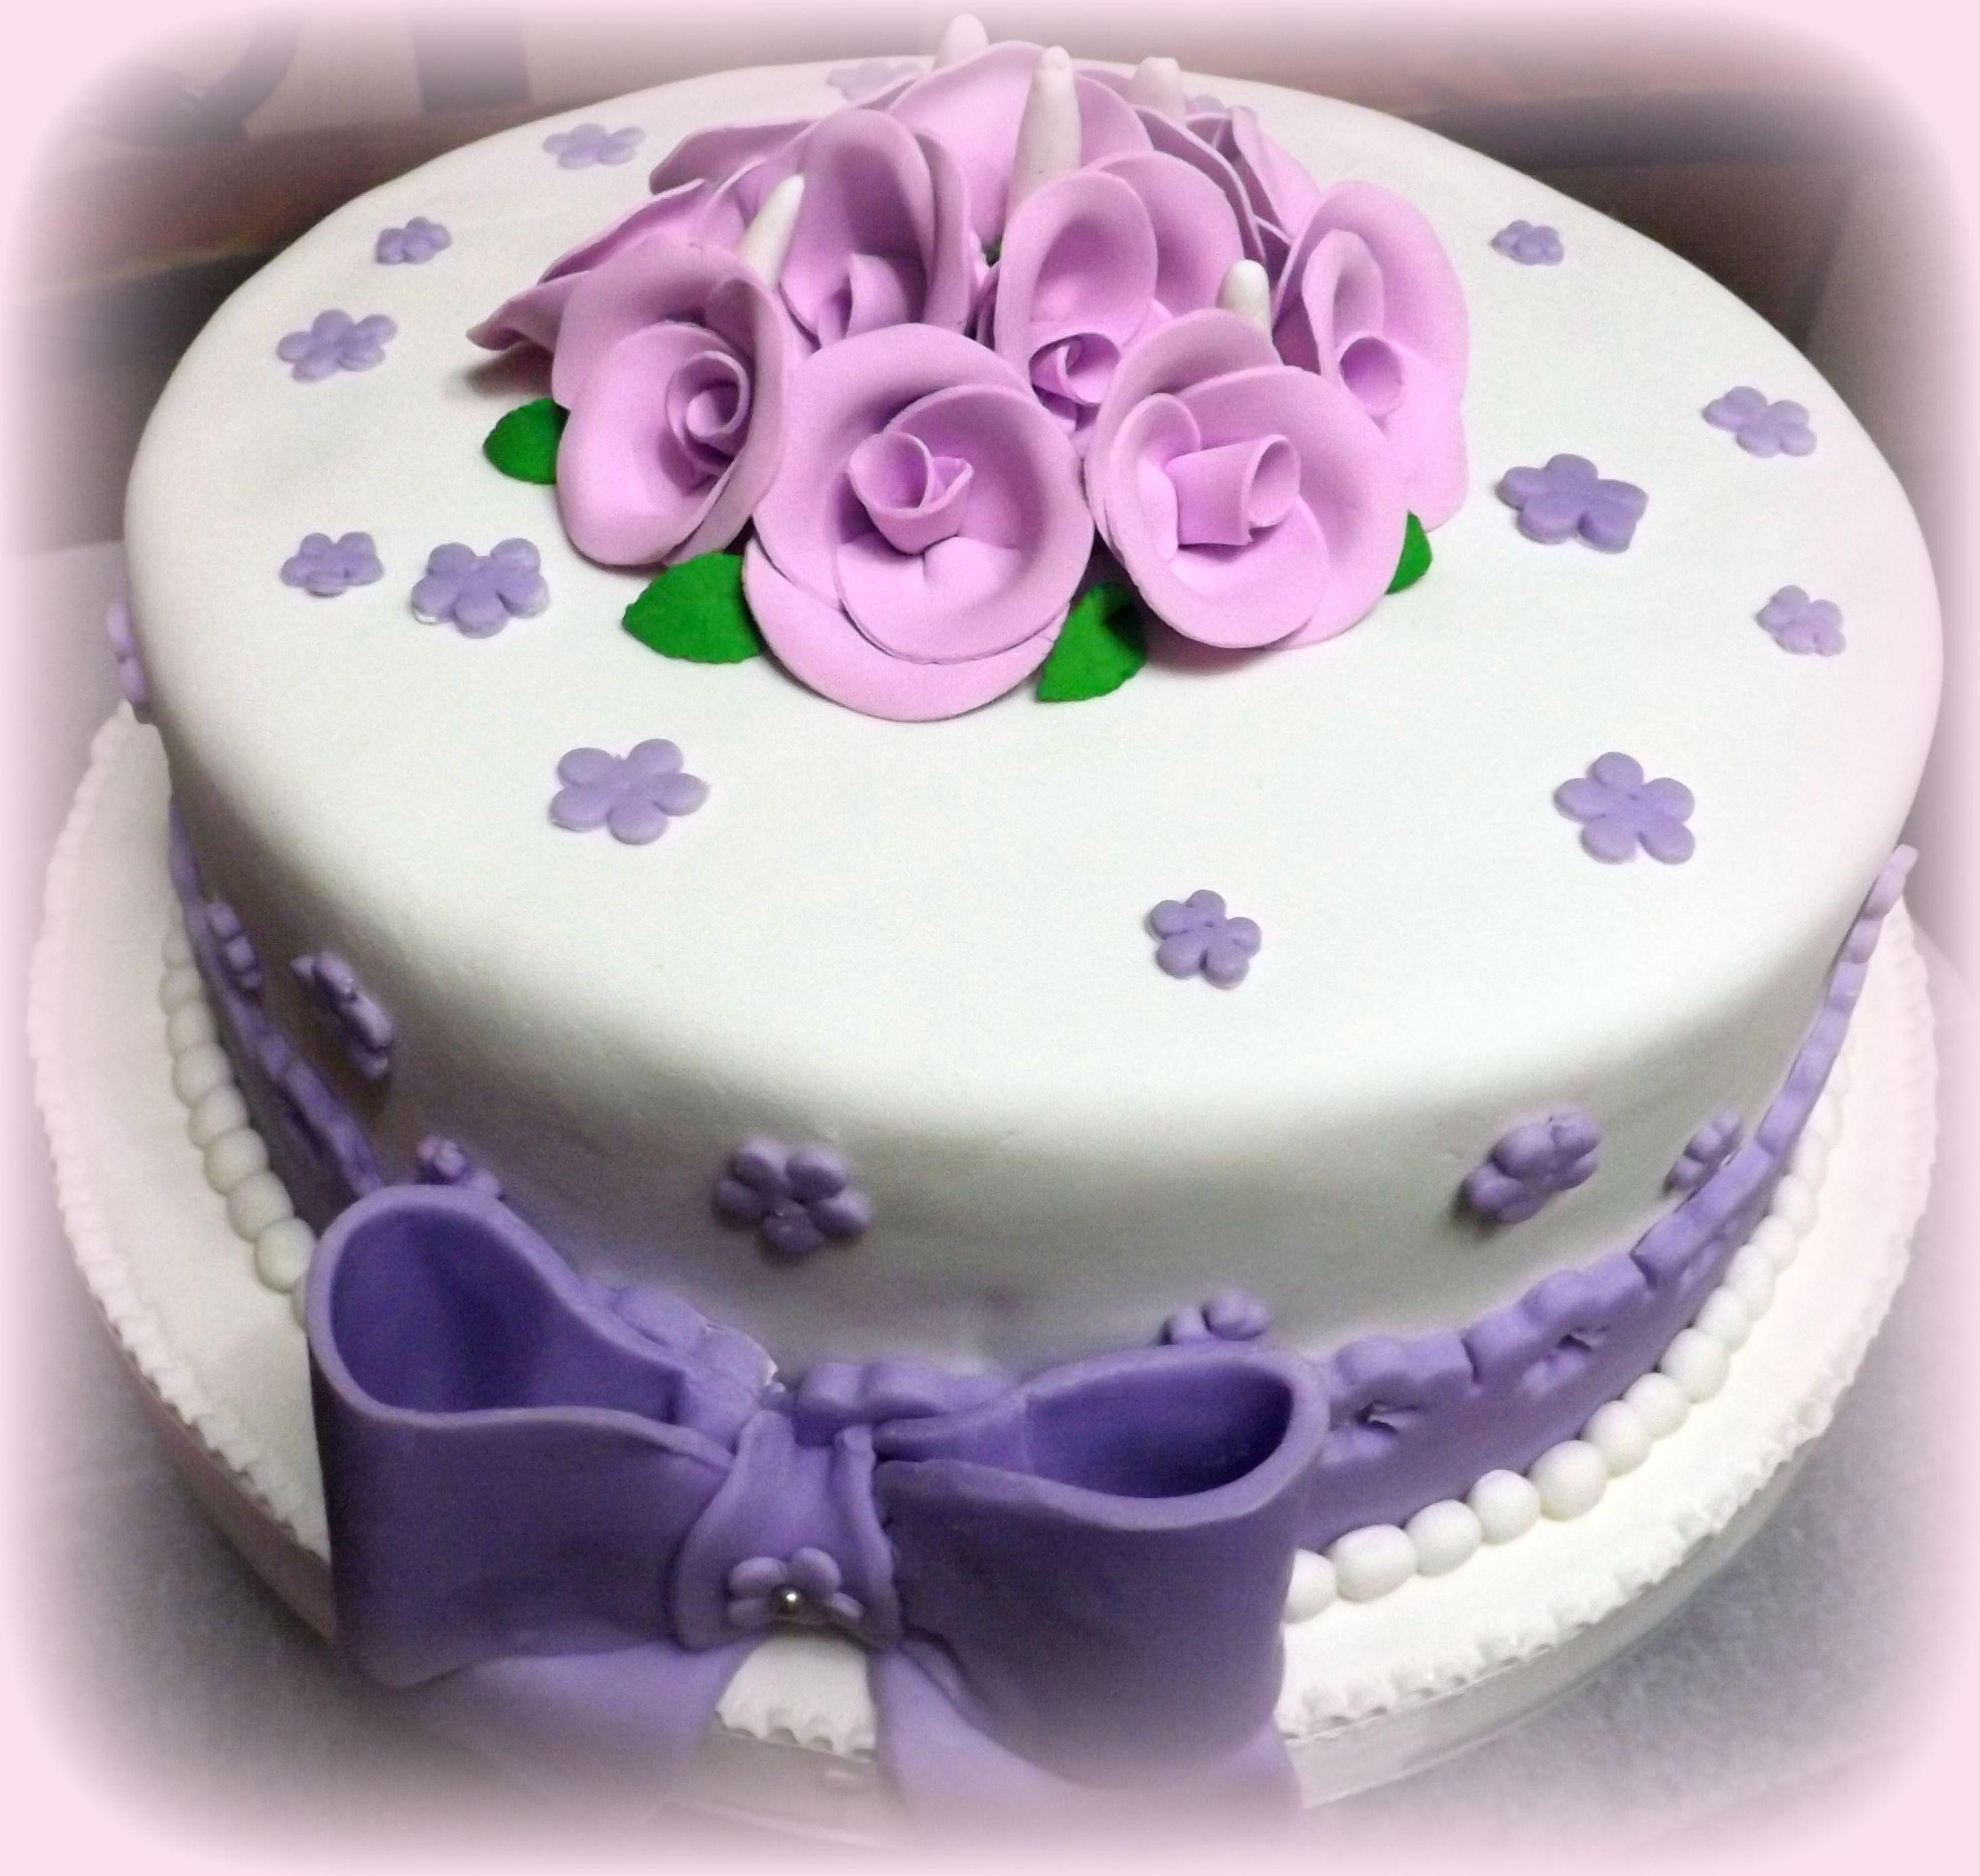 CAKE PARA MAMA CAKE DIA DE LA MADRE Pinterest Cake